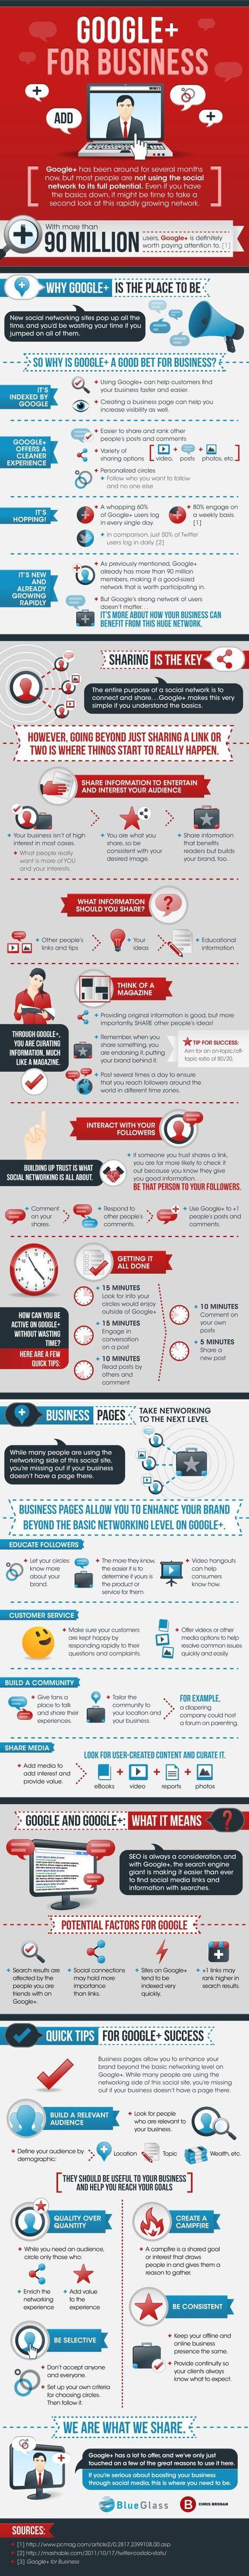 [Infographie] Les bonnes raisons d'utiliser Google+ pour votre entreprise   Environnement à toutes les sauces !   Scoop.it